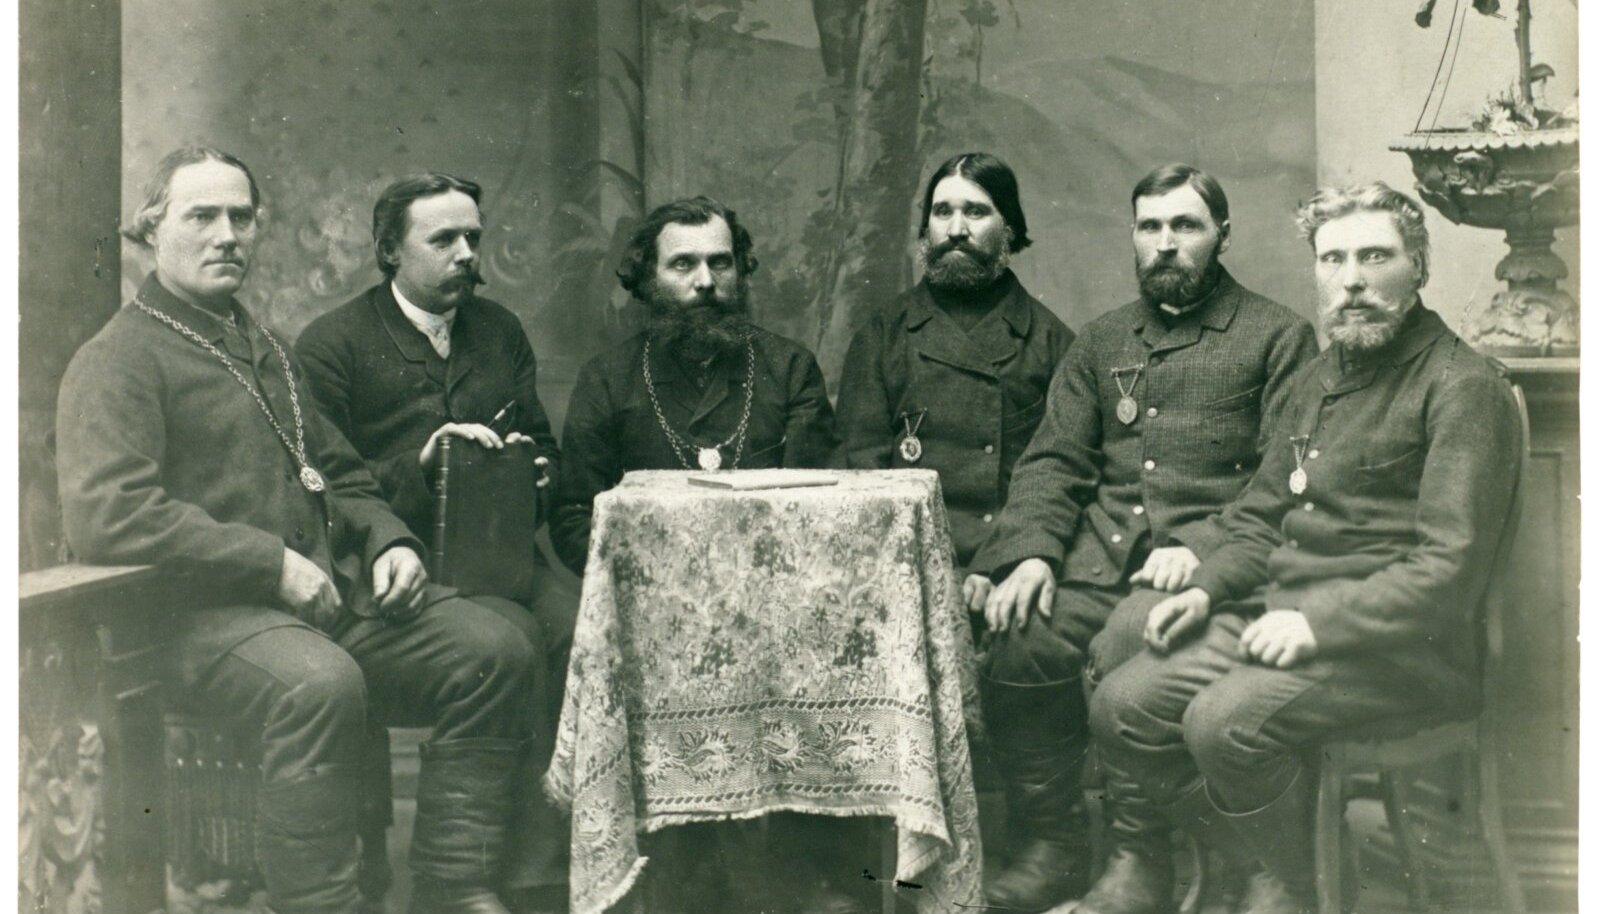 On aasta 1895. Koos istub Luunja valla nõukogu, vasakult teine on vallakirjutaja Must.